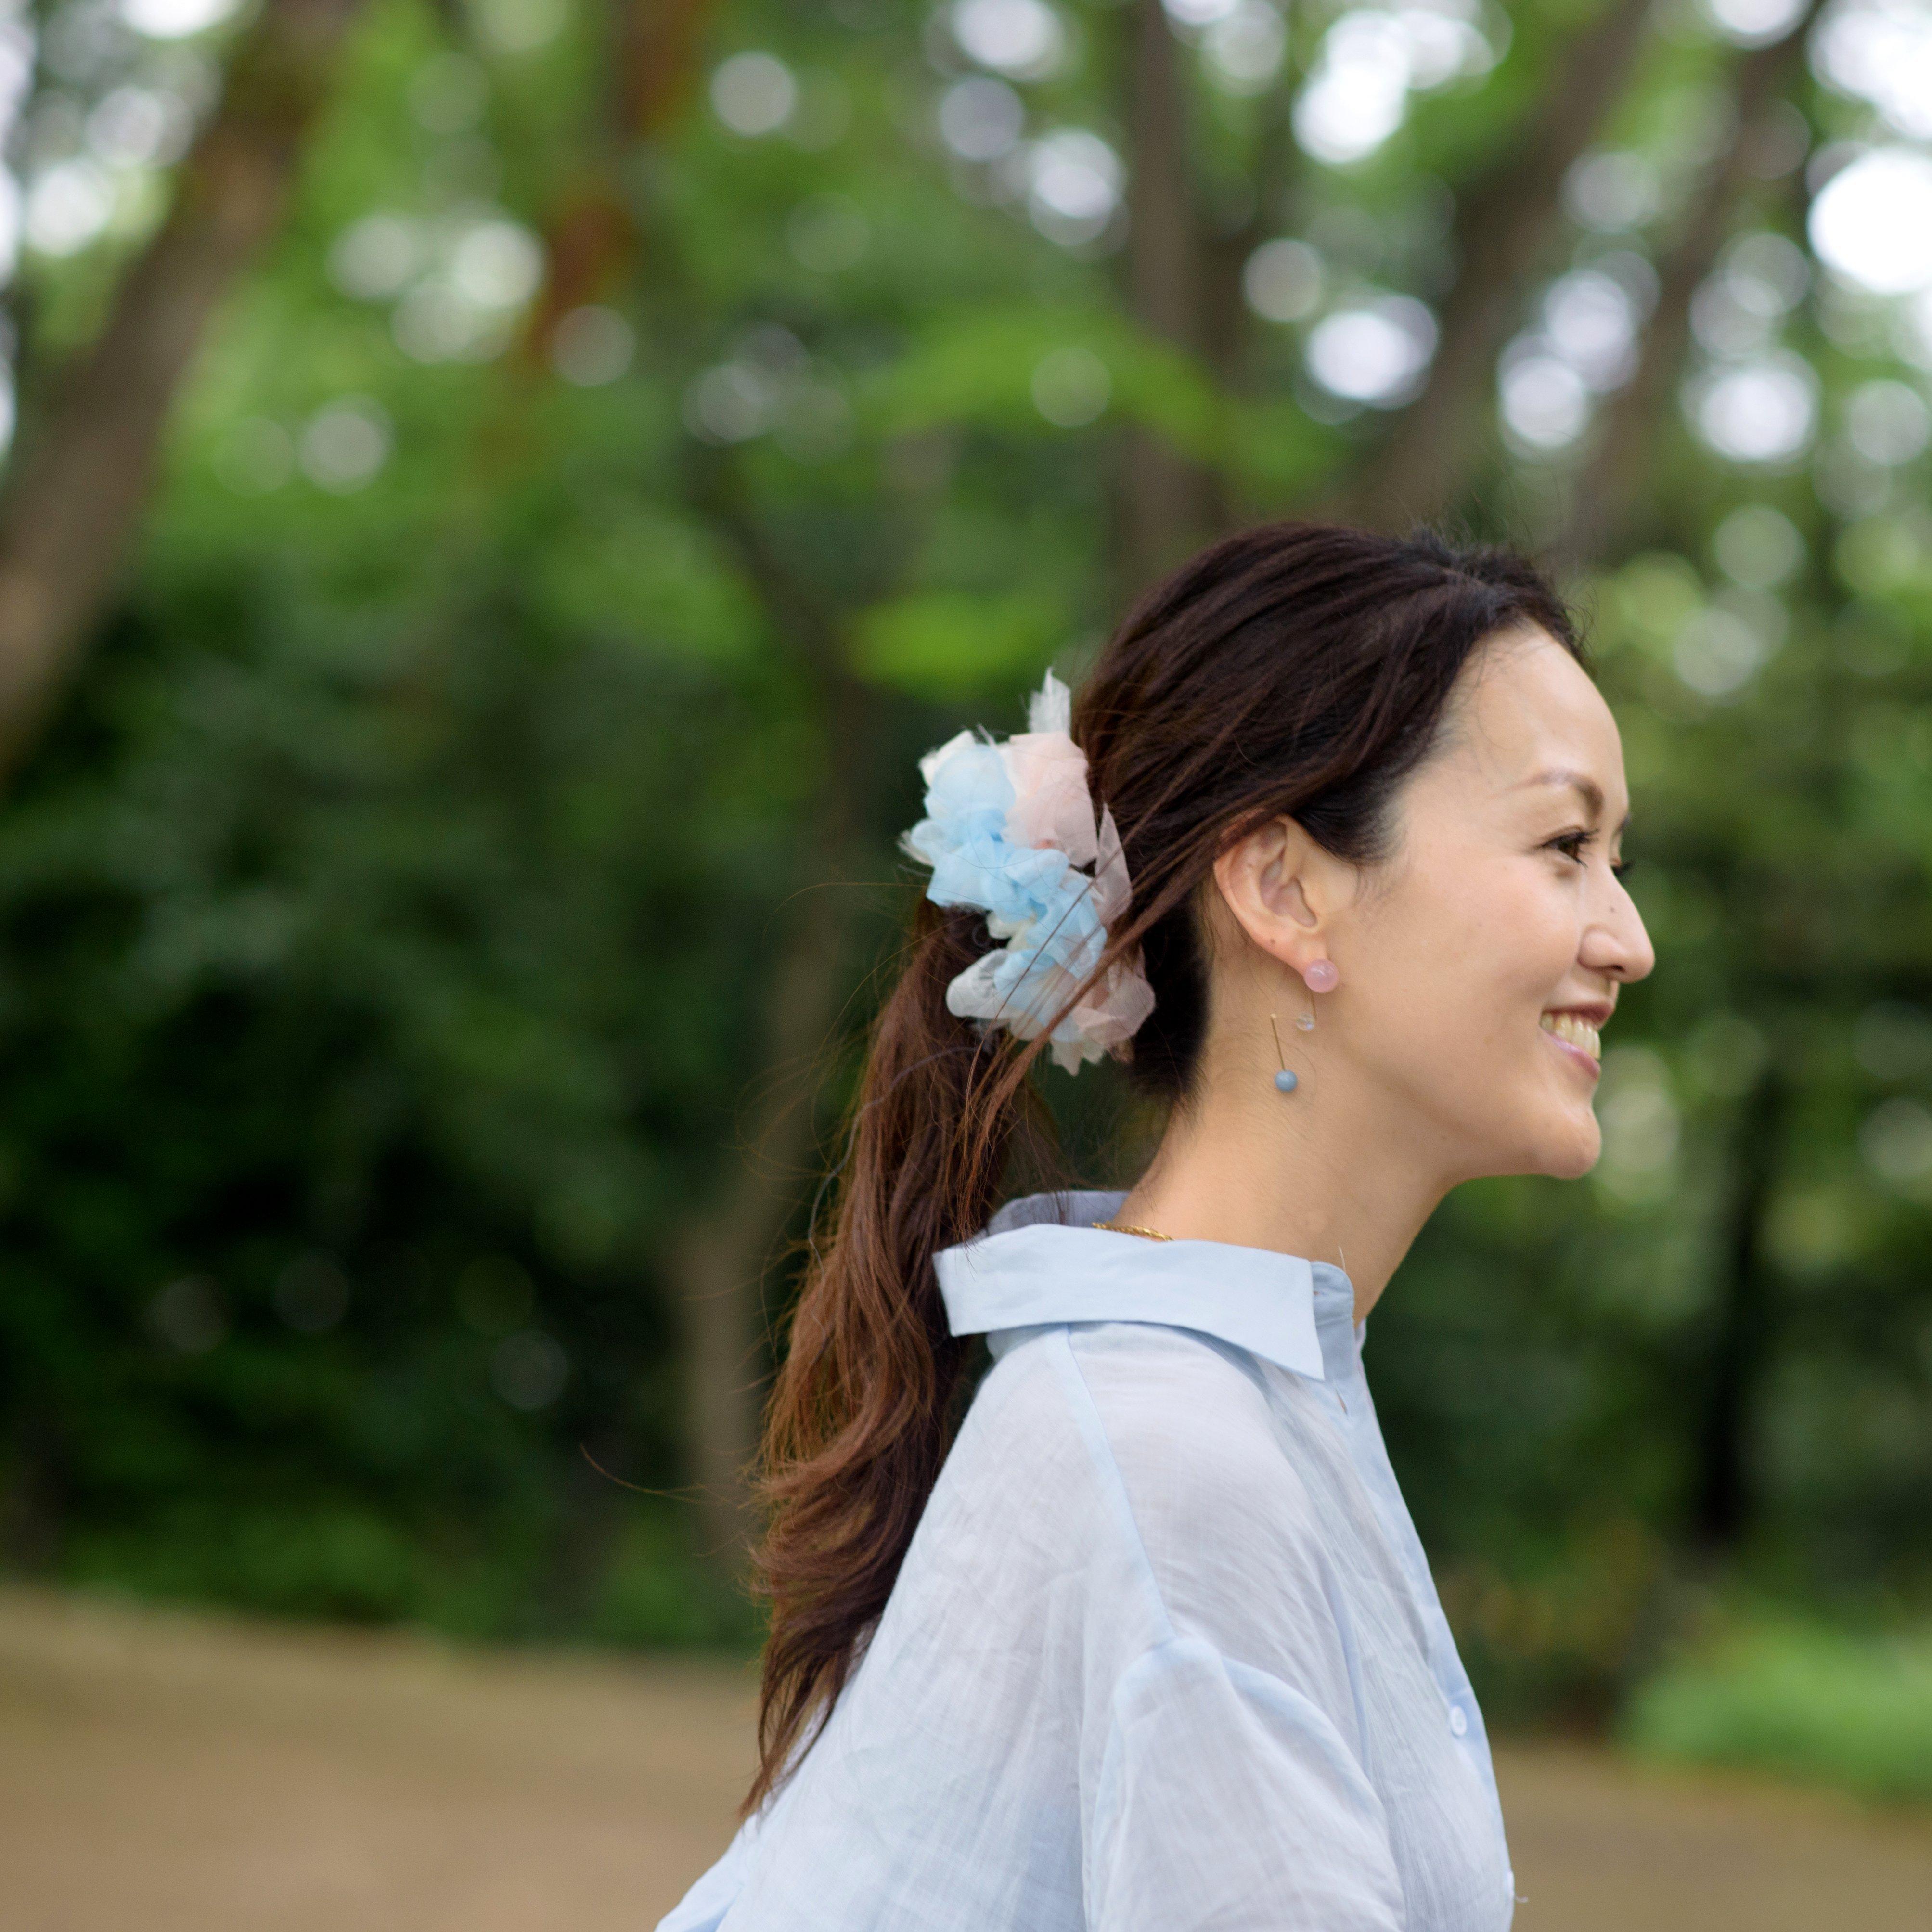 Pastel~彩る咲き編みシュシュ